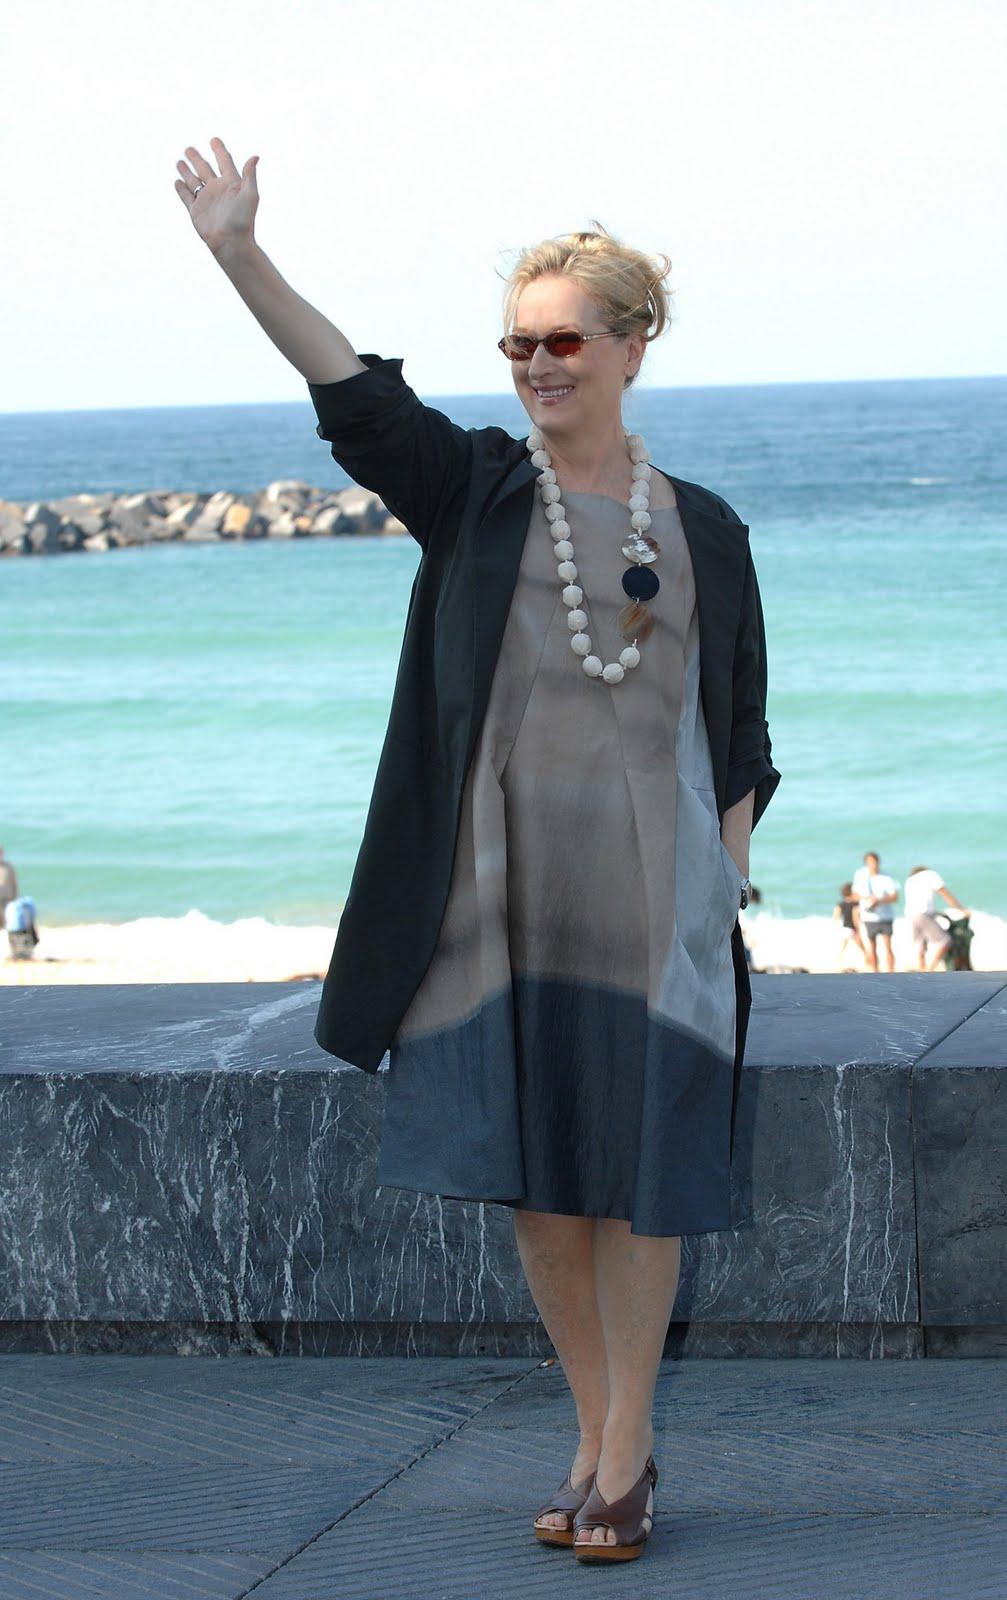 Meryl Streep Feet - 159.8KB